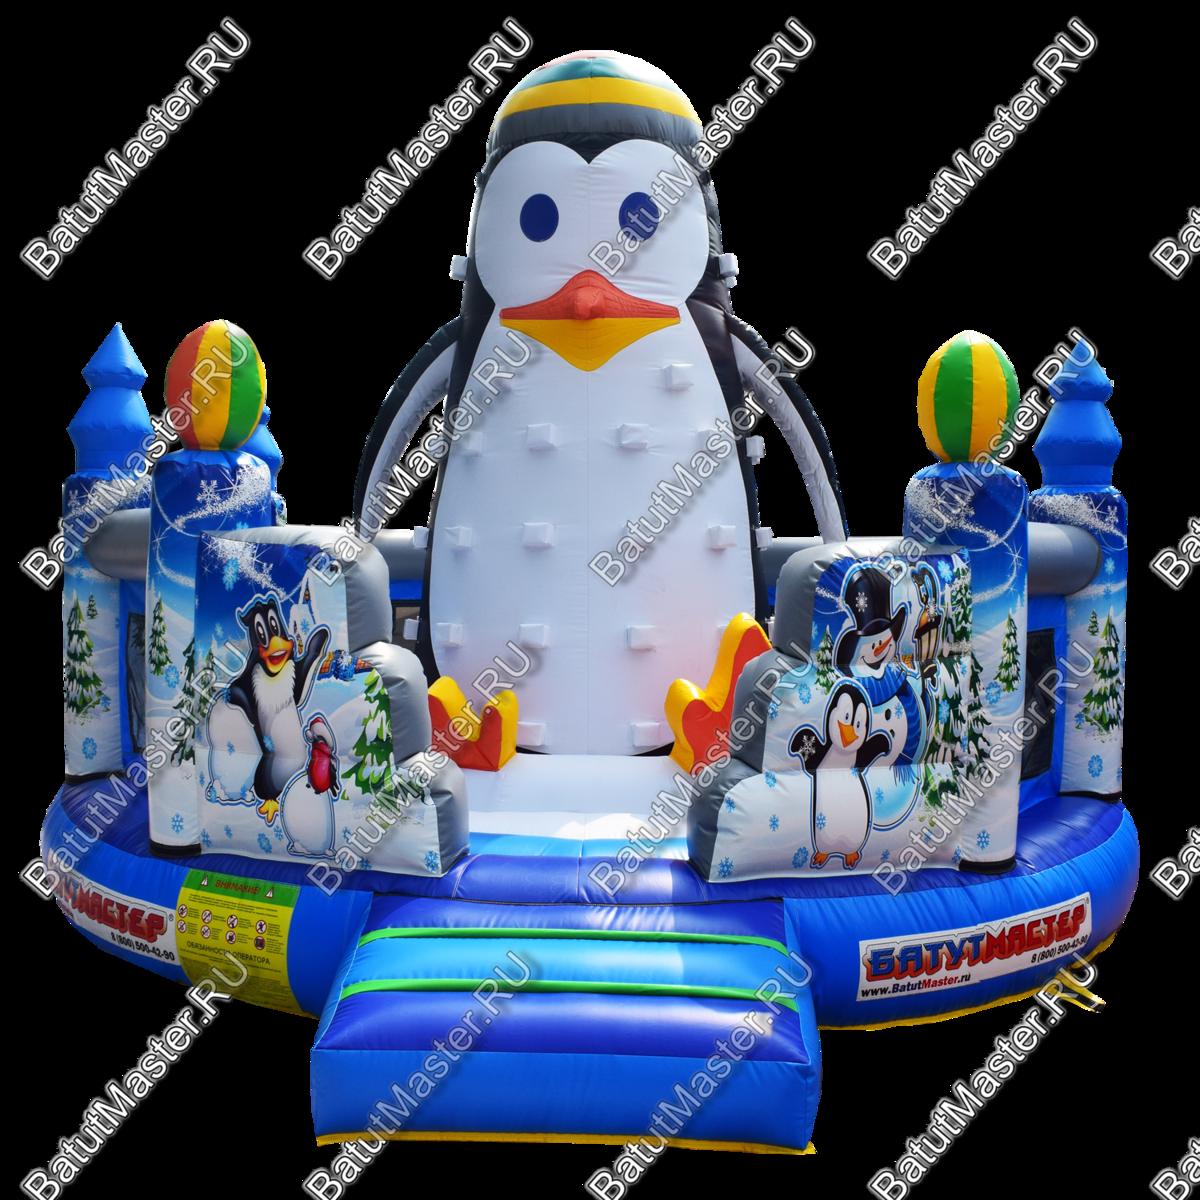 Выгодный батут со скалодромом в центре в виде пингвина | БатутМастер